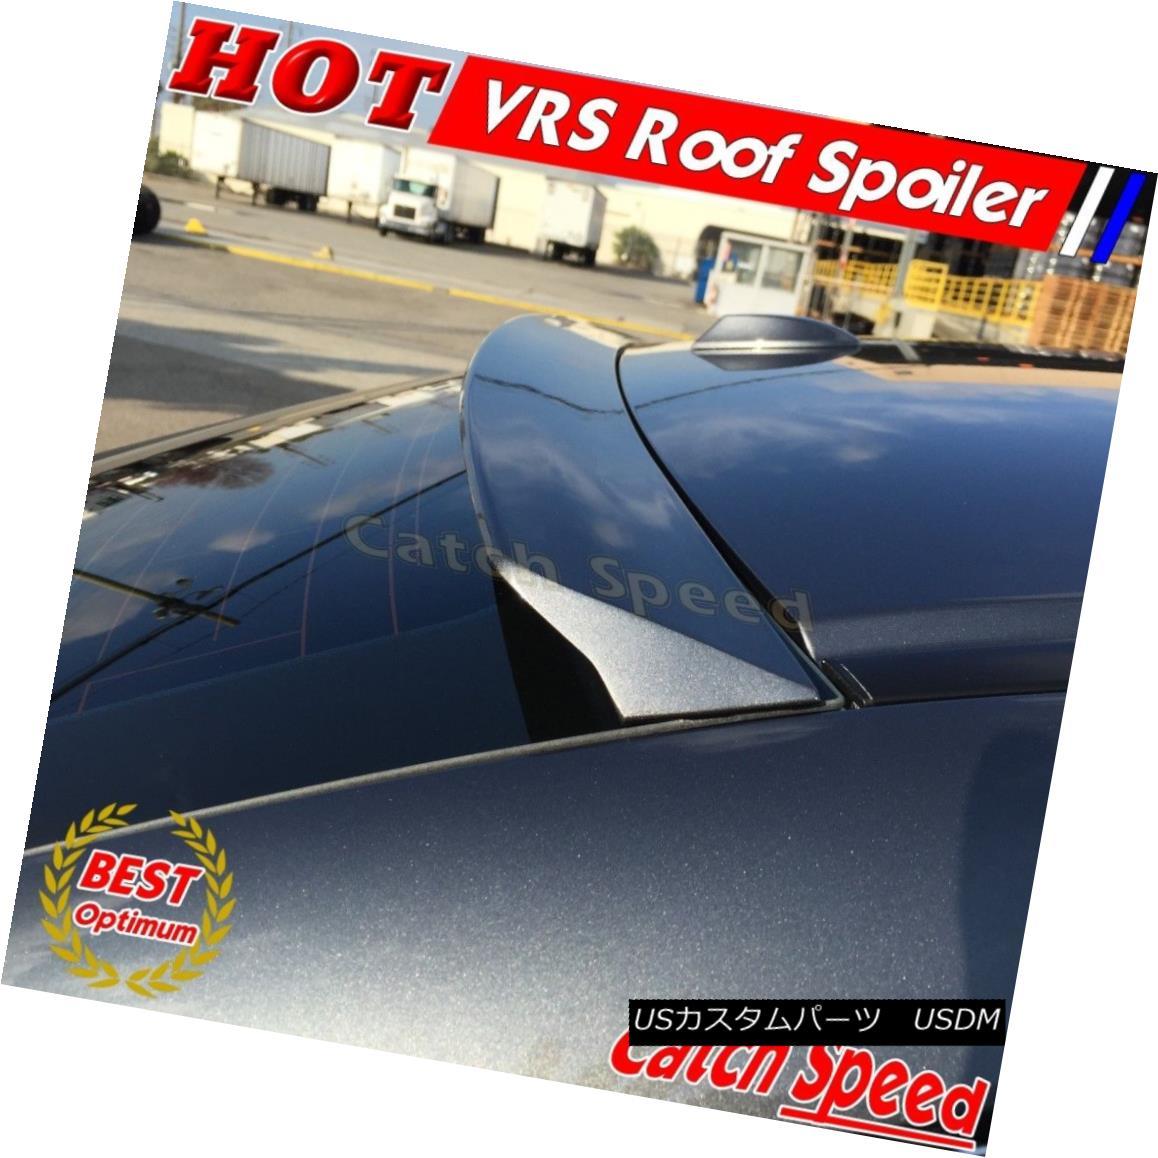 エアロパーツ Flat Black VRS Type Rear Roof Spoiler For Honda Accord 8th K13 Sedan 2008-2012 ホンダアコード用フラットブラックVSタイプリアルーフスポイラー8th K13 Sedan 2008-2012